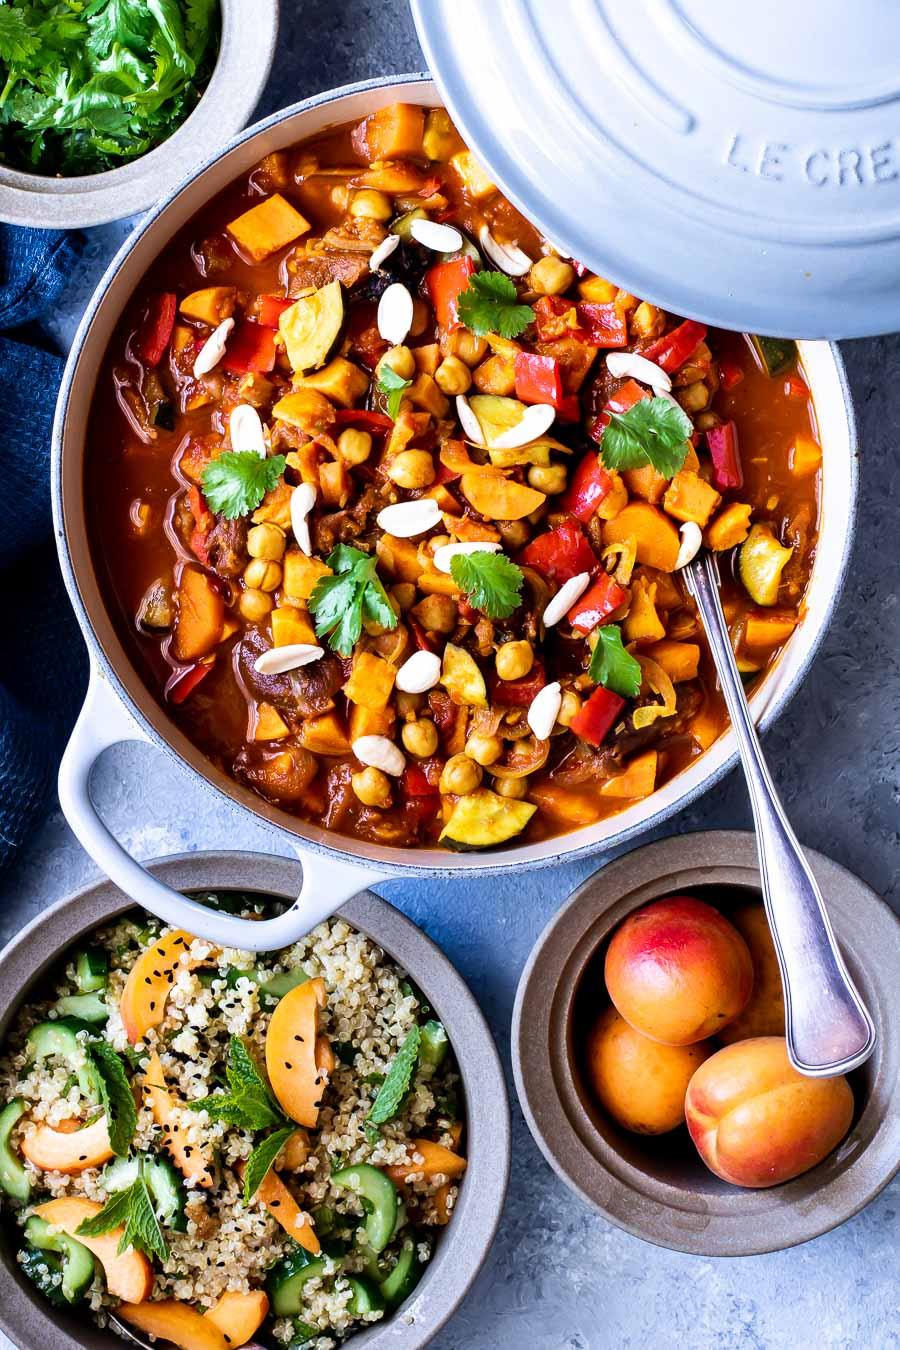 Marokkansk vegetargryde med kikærter - grønsagstagine